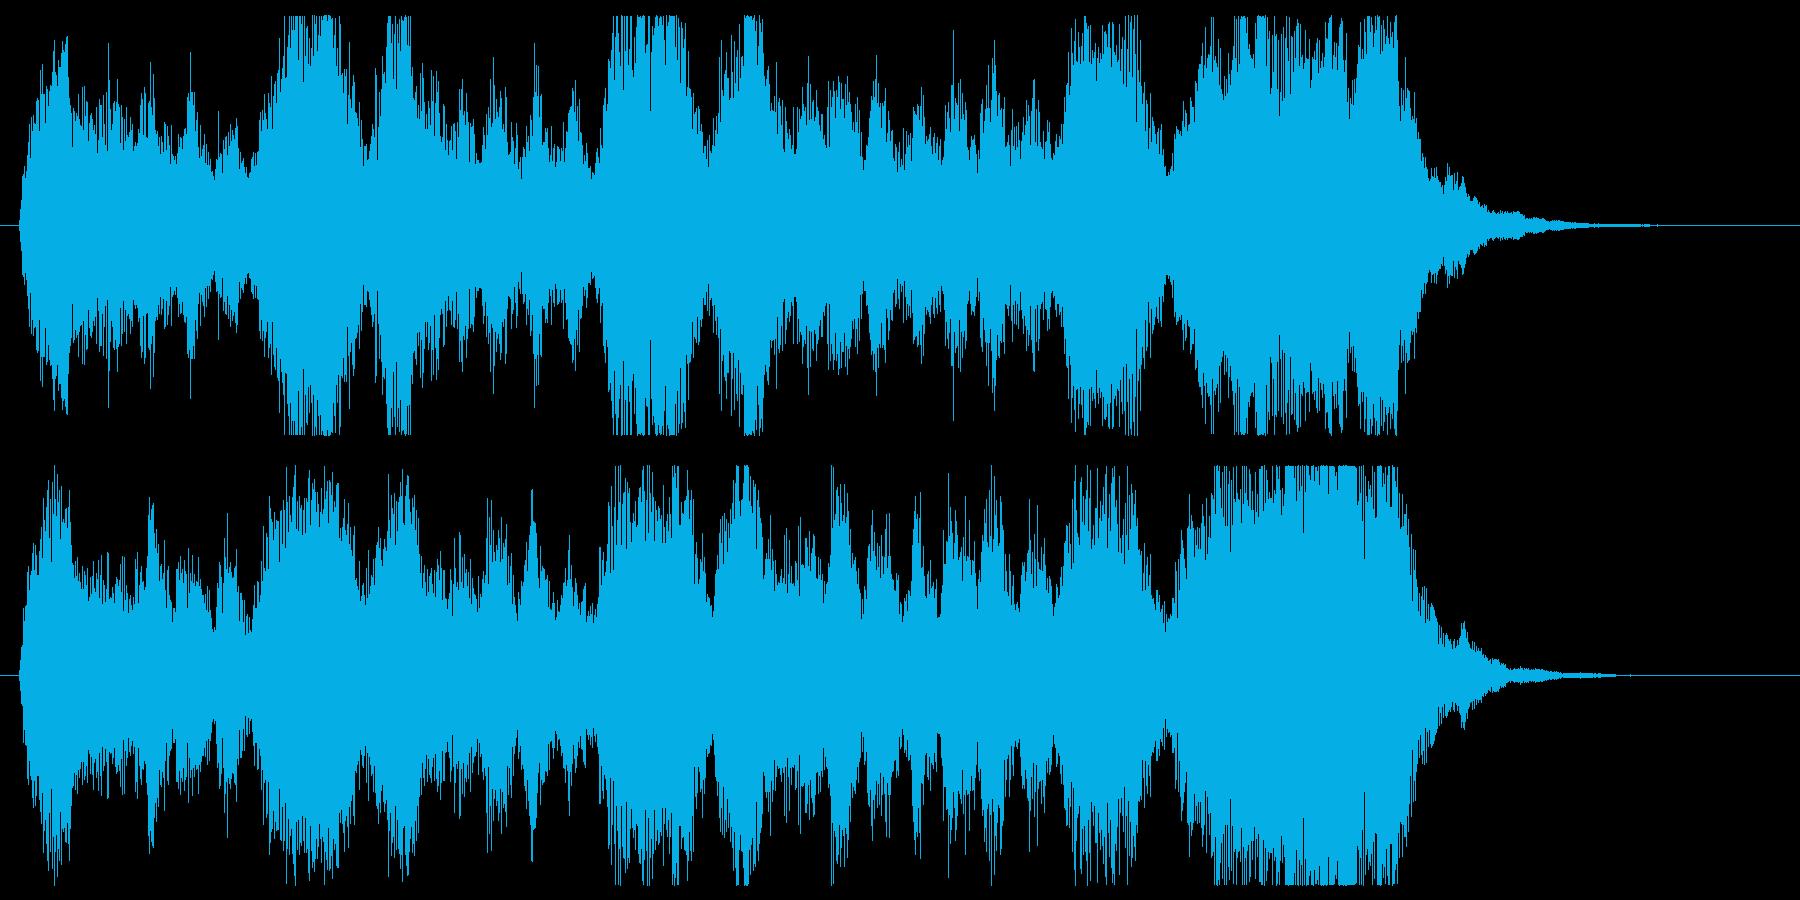 金管の荘厳なファンファーレ/パターンBの再生済みの波形